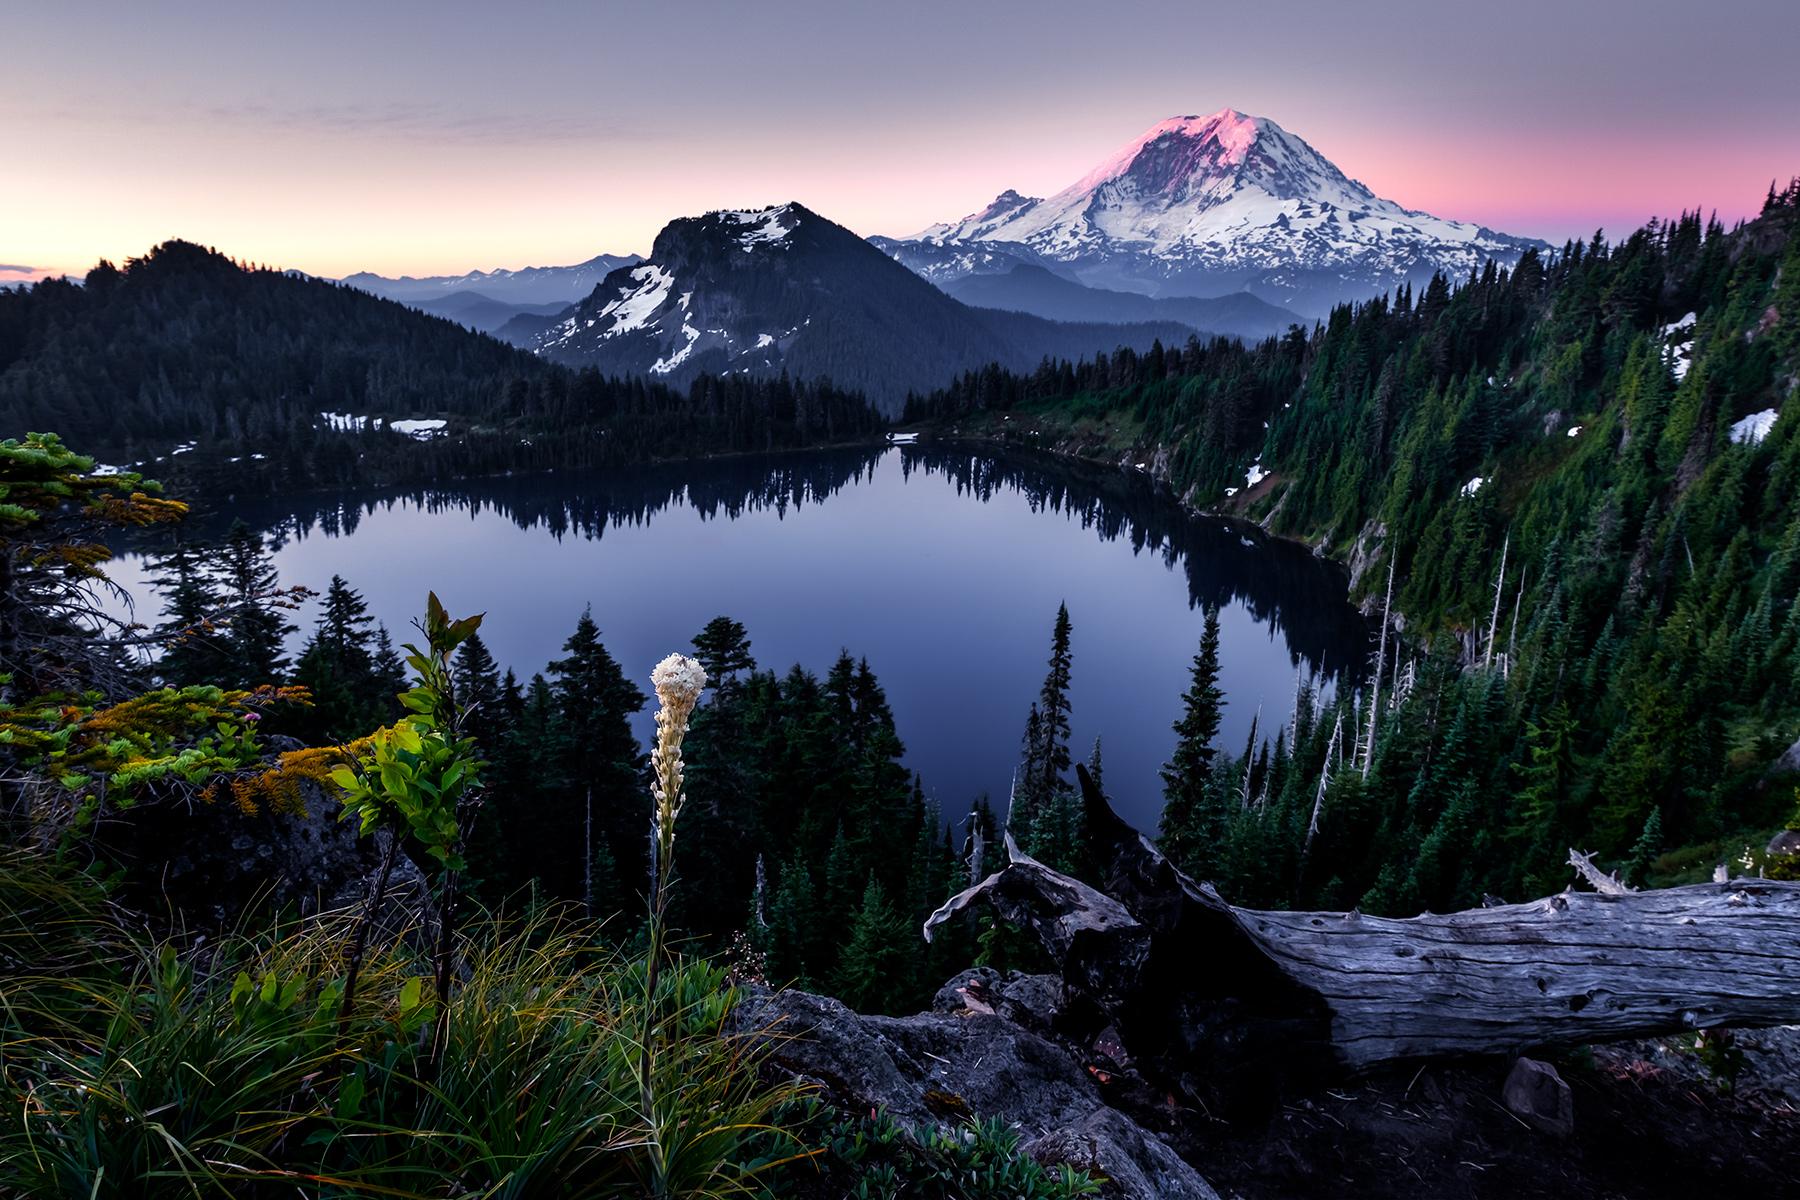 美國雷尼爾山國家公園(Mt. Rainier)旅游攻略游記 - 聊美國